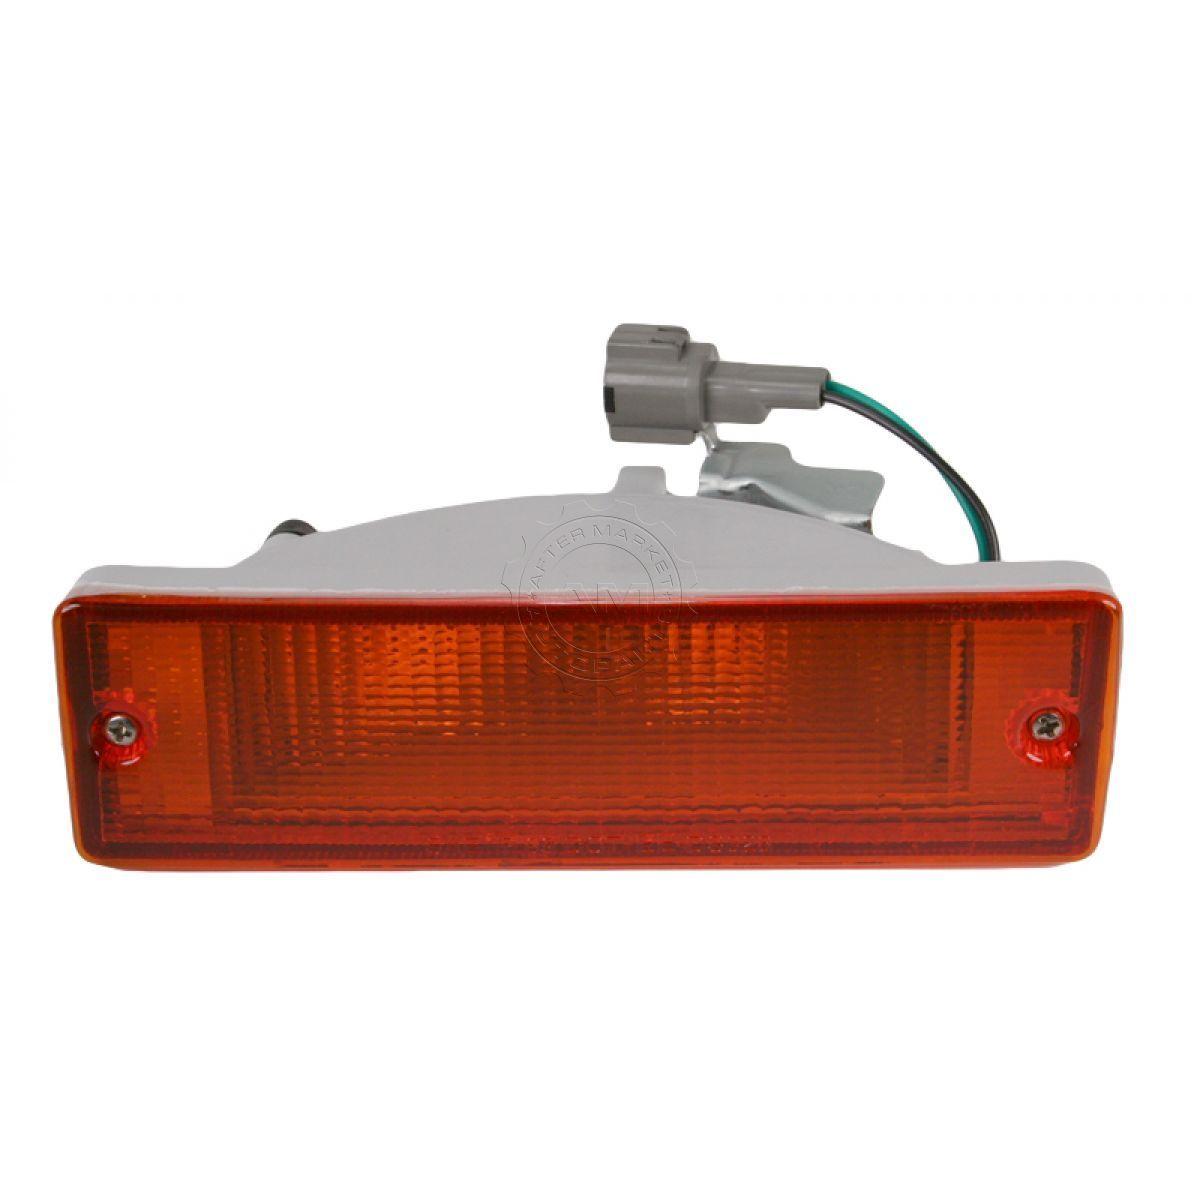 コーナーライト Bumper Mounted Parking Light LH Left For D21 Pathfinder 1988-95 バンパー搭載駐車ライトLH左D21パスファインダー1988-95